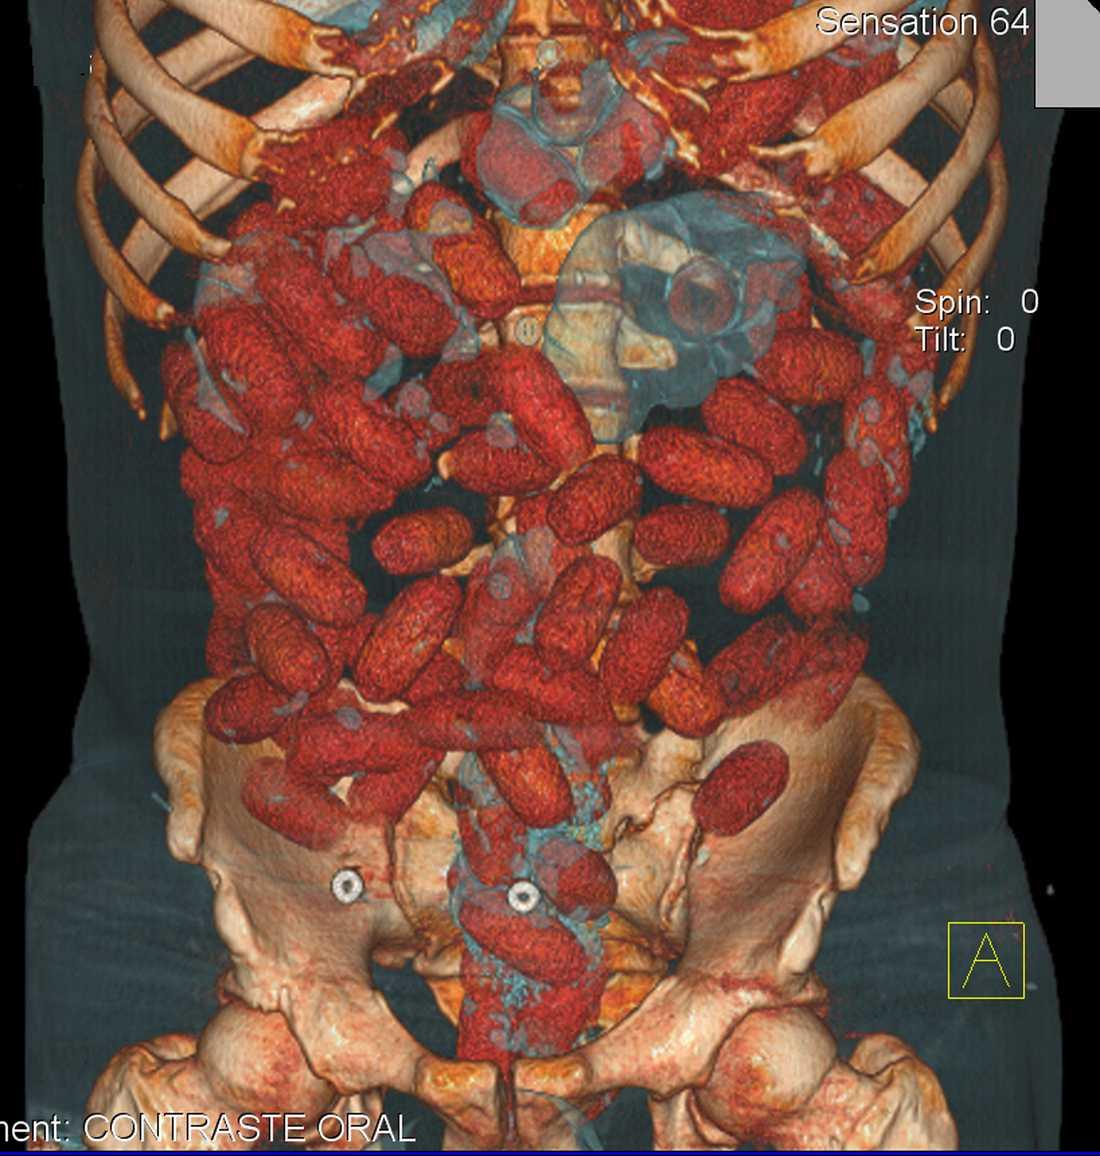 Ett kilo knark Kontraströntgen visar att 20-åringen hade svalt cirka ett kilo kokain.